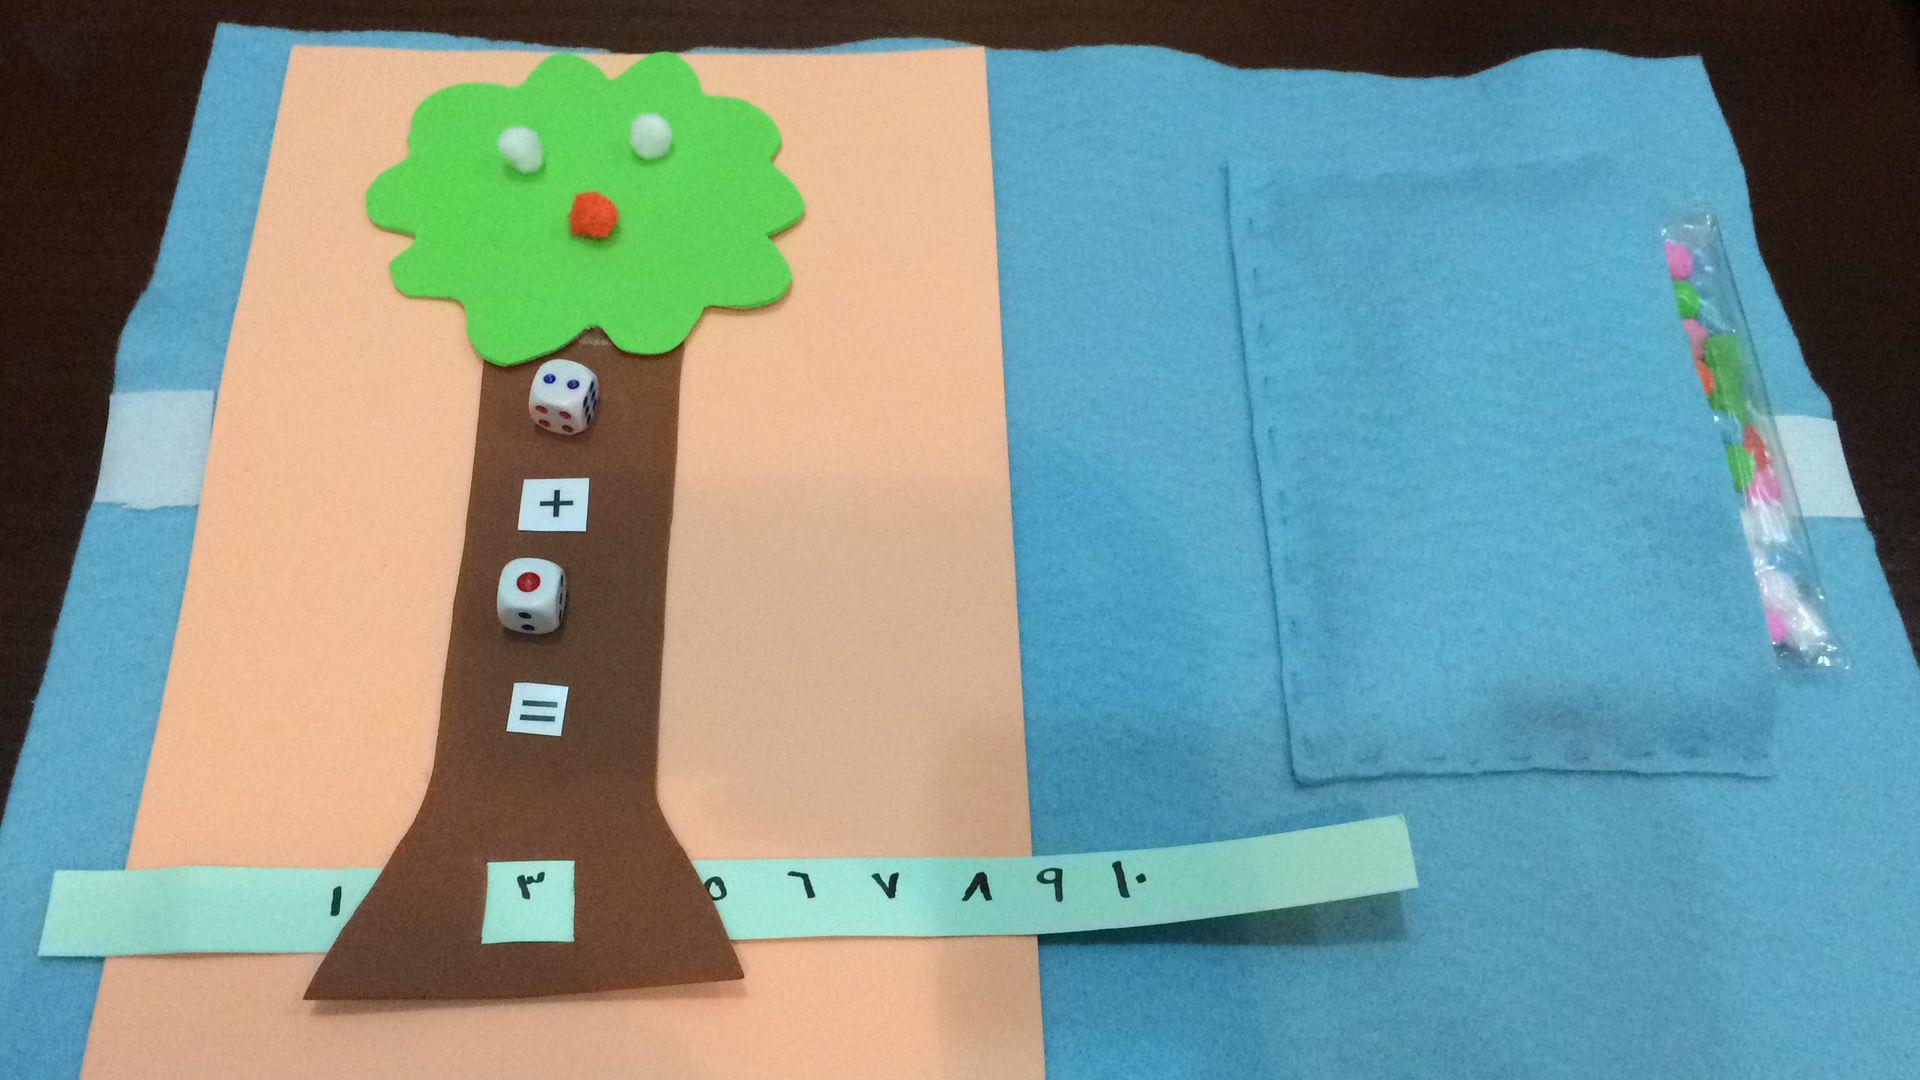 شجرة النرد الوسيلة الإدراكية الهدف منها تنمية المجال الإدراكي عن الطفل و العضلات الدقيقة طريقة استخدامها يقوم الطفل برمي قطعة النرد في المربع الأعلى ثم يرم